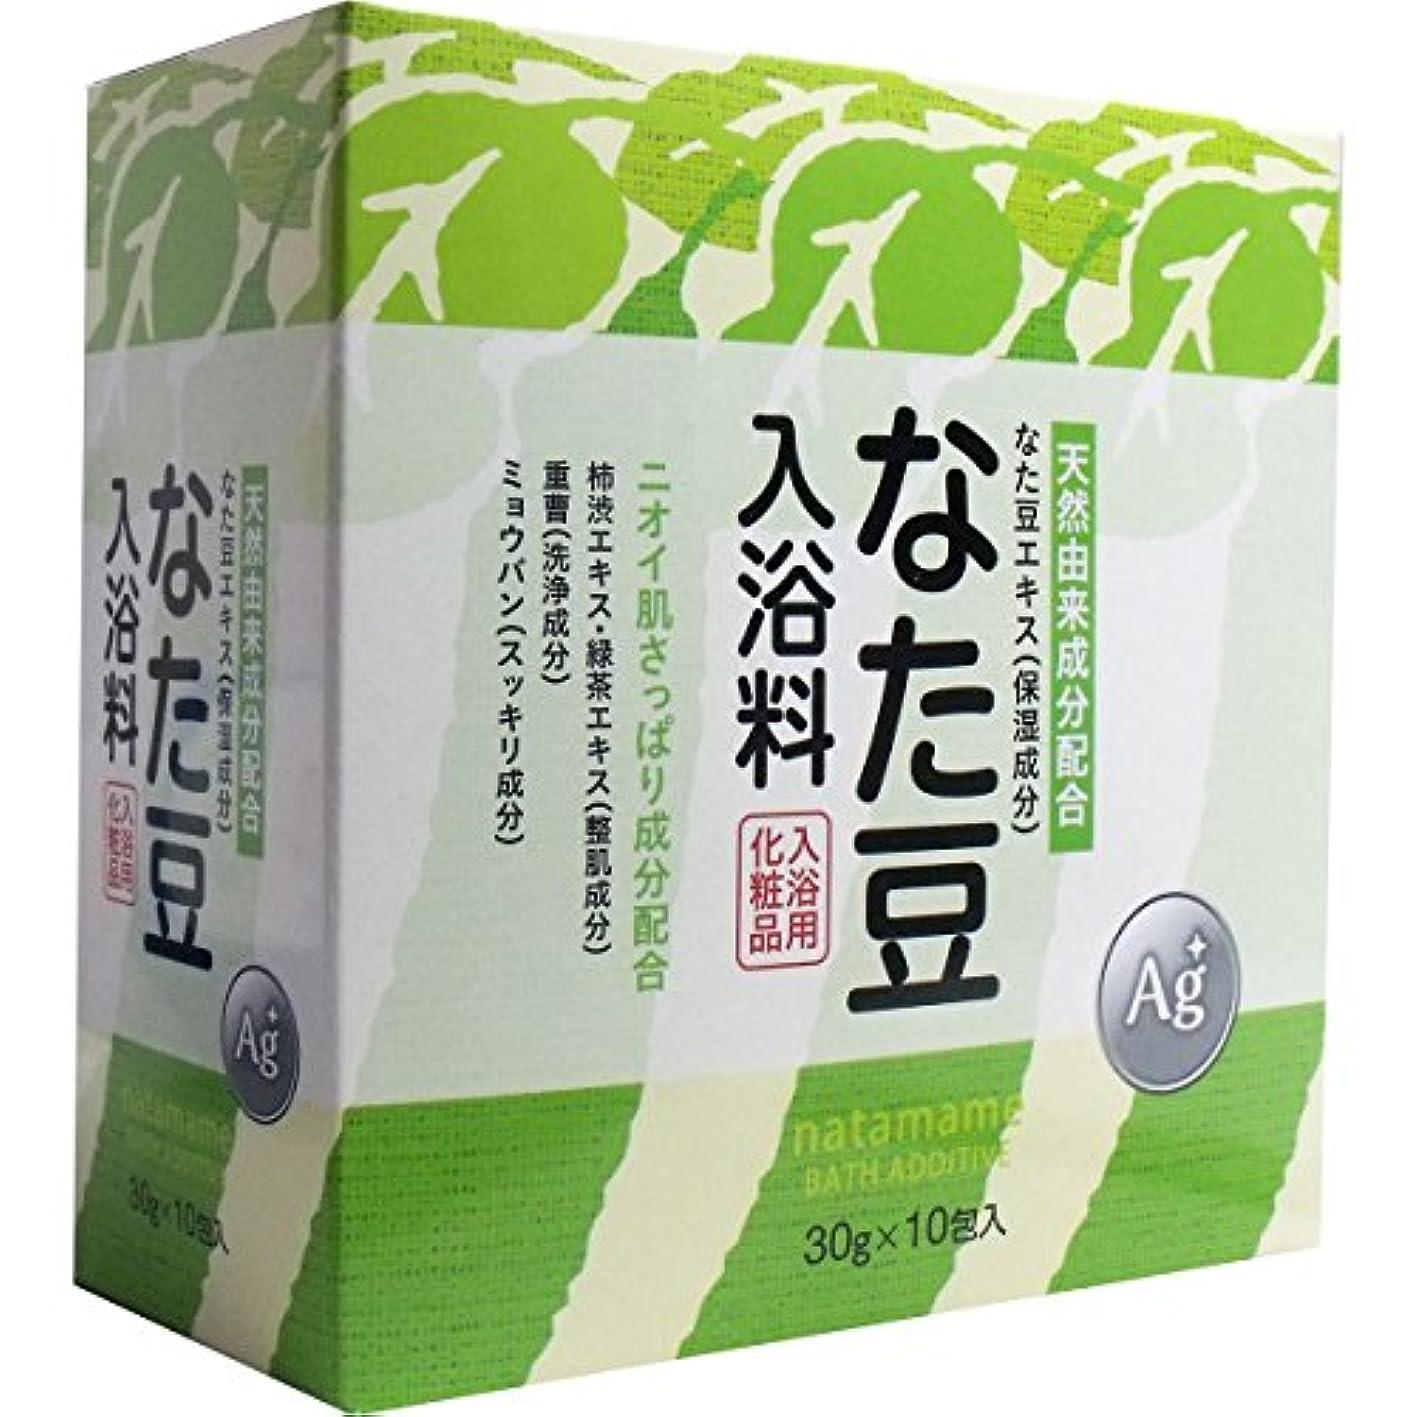 伝導率禁止登録するなた豆入浴料 入浴用化粧品 30g×10包入×4